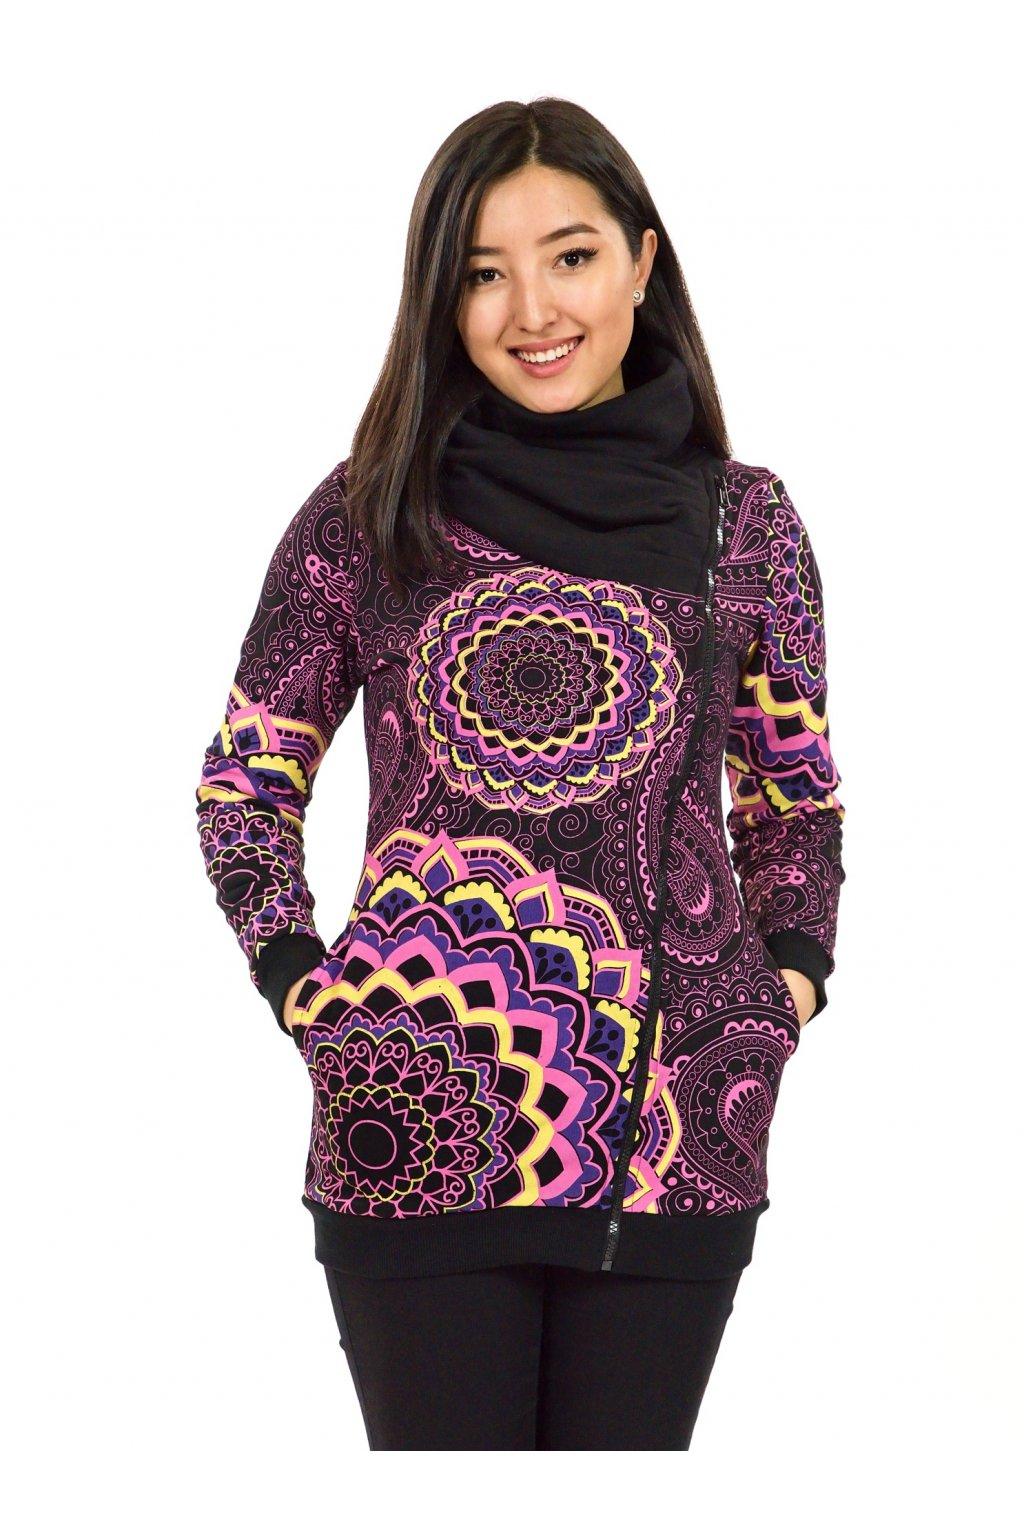 Hřejivá mikina na zip s maxi límcem Pahala - černá s růžovou